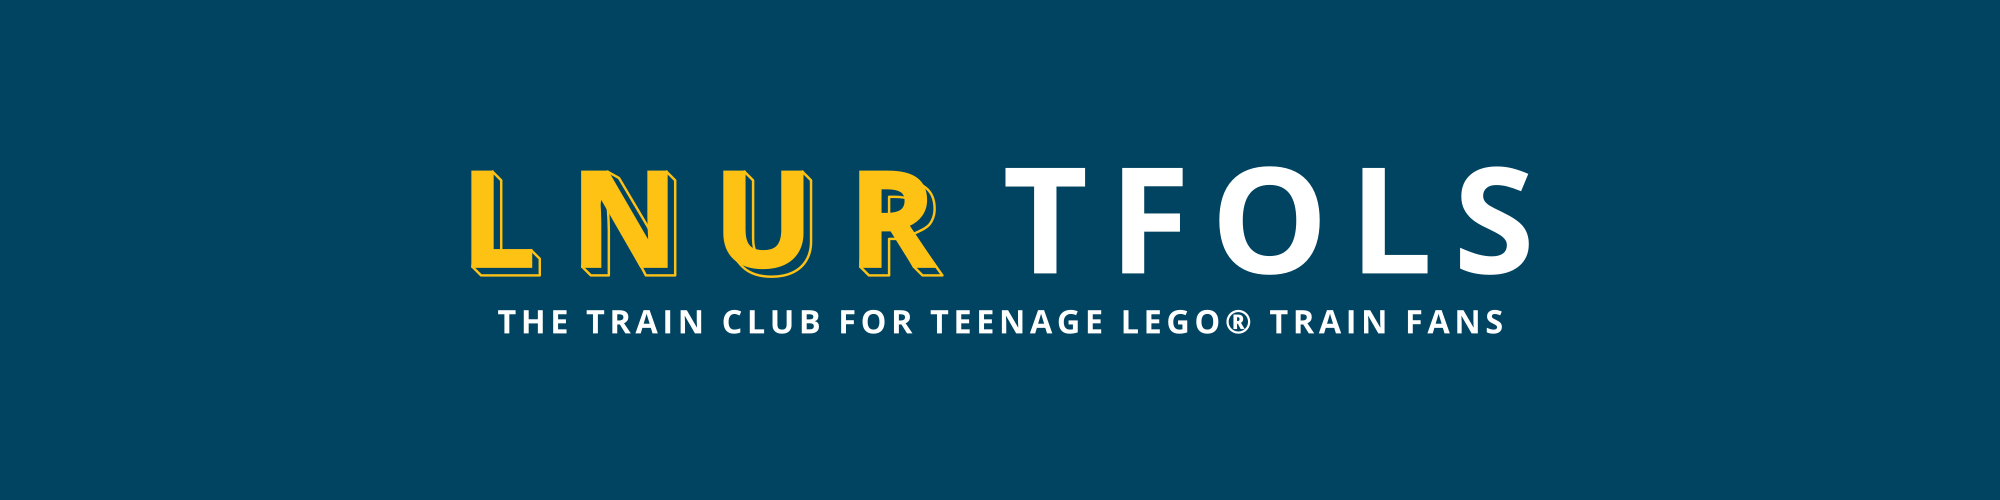 LNUR TFOLs - the LEGO train club for teenage LEGO fans